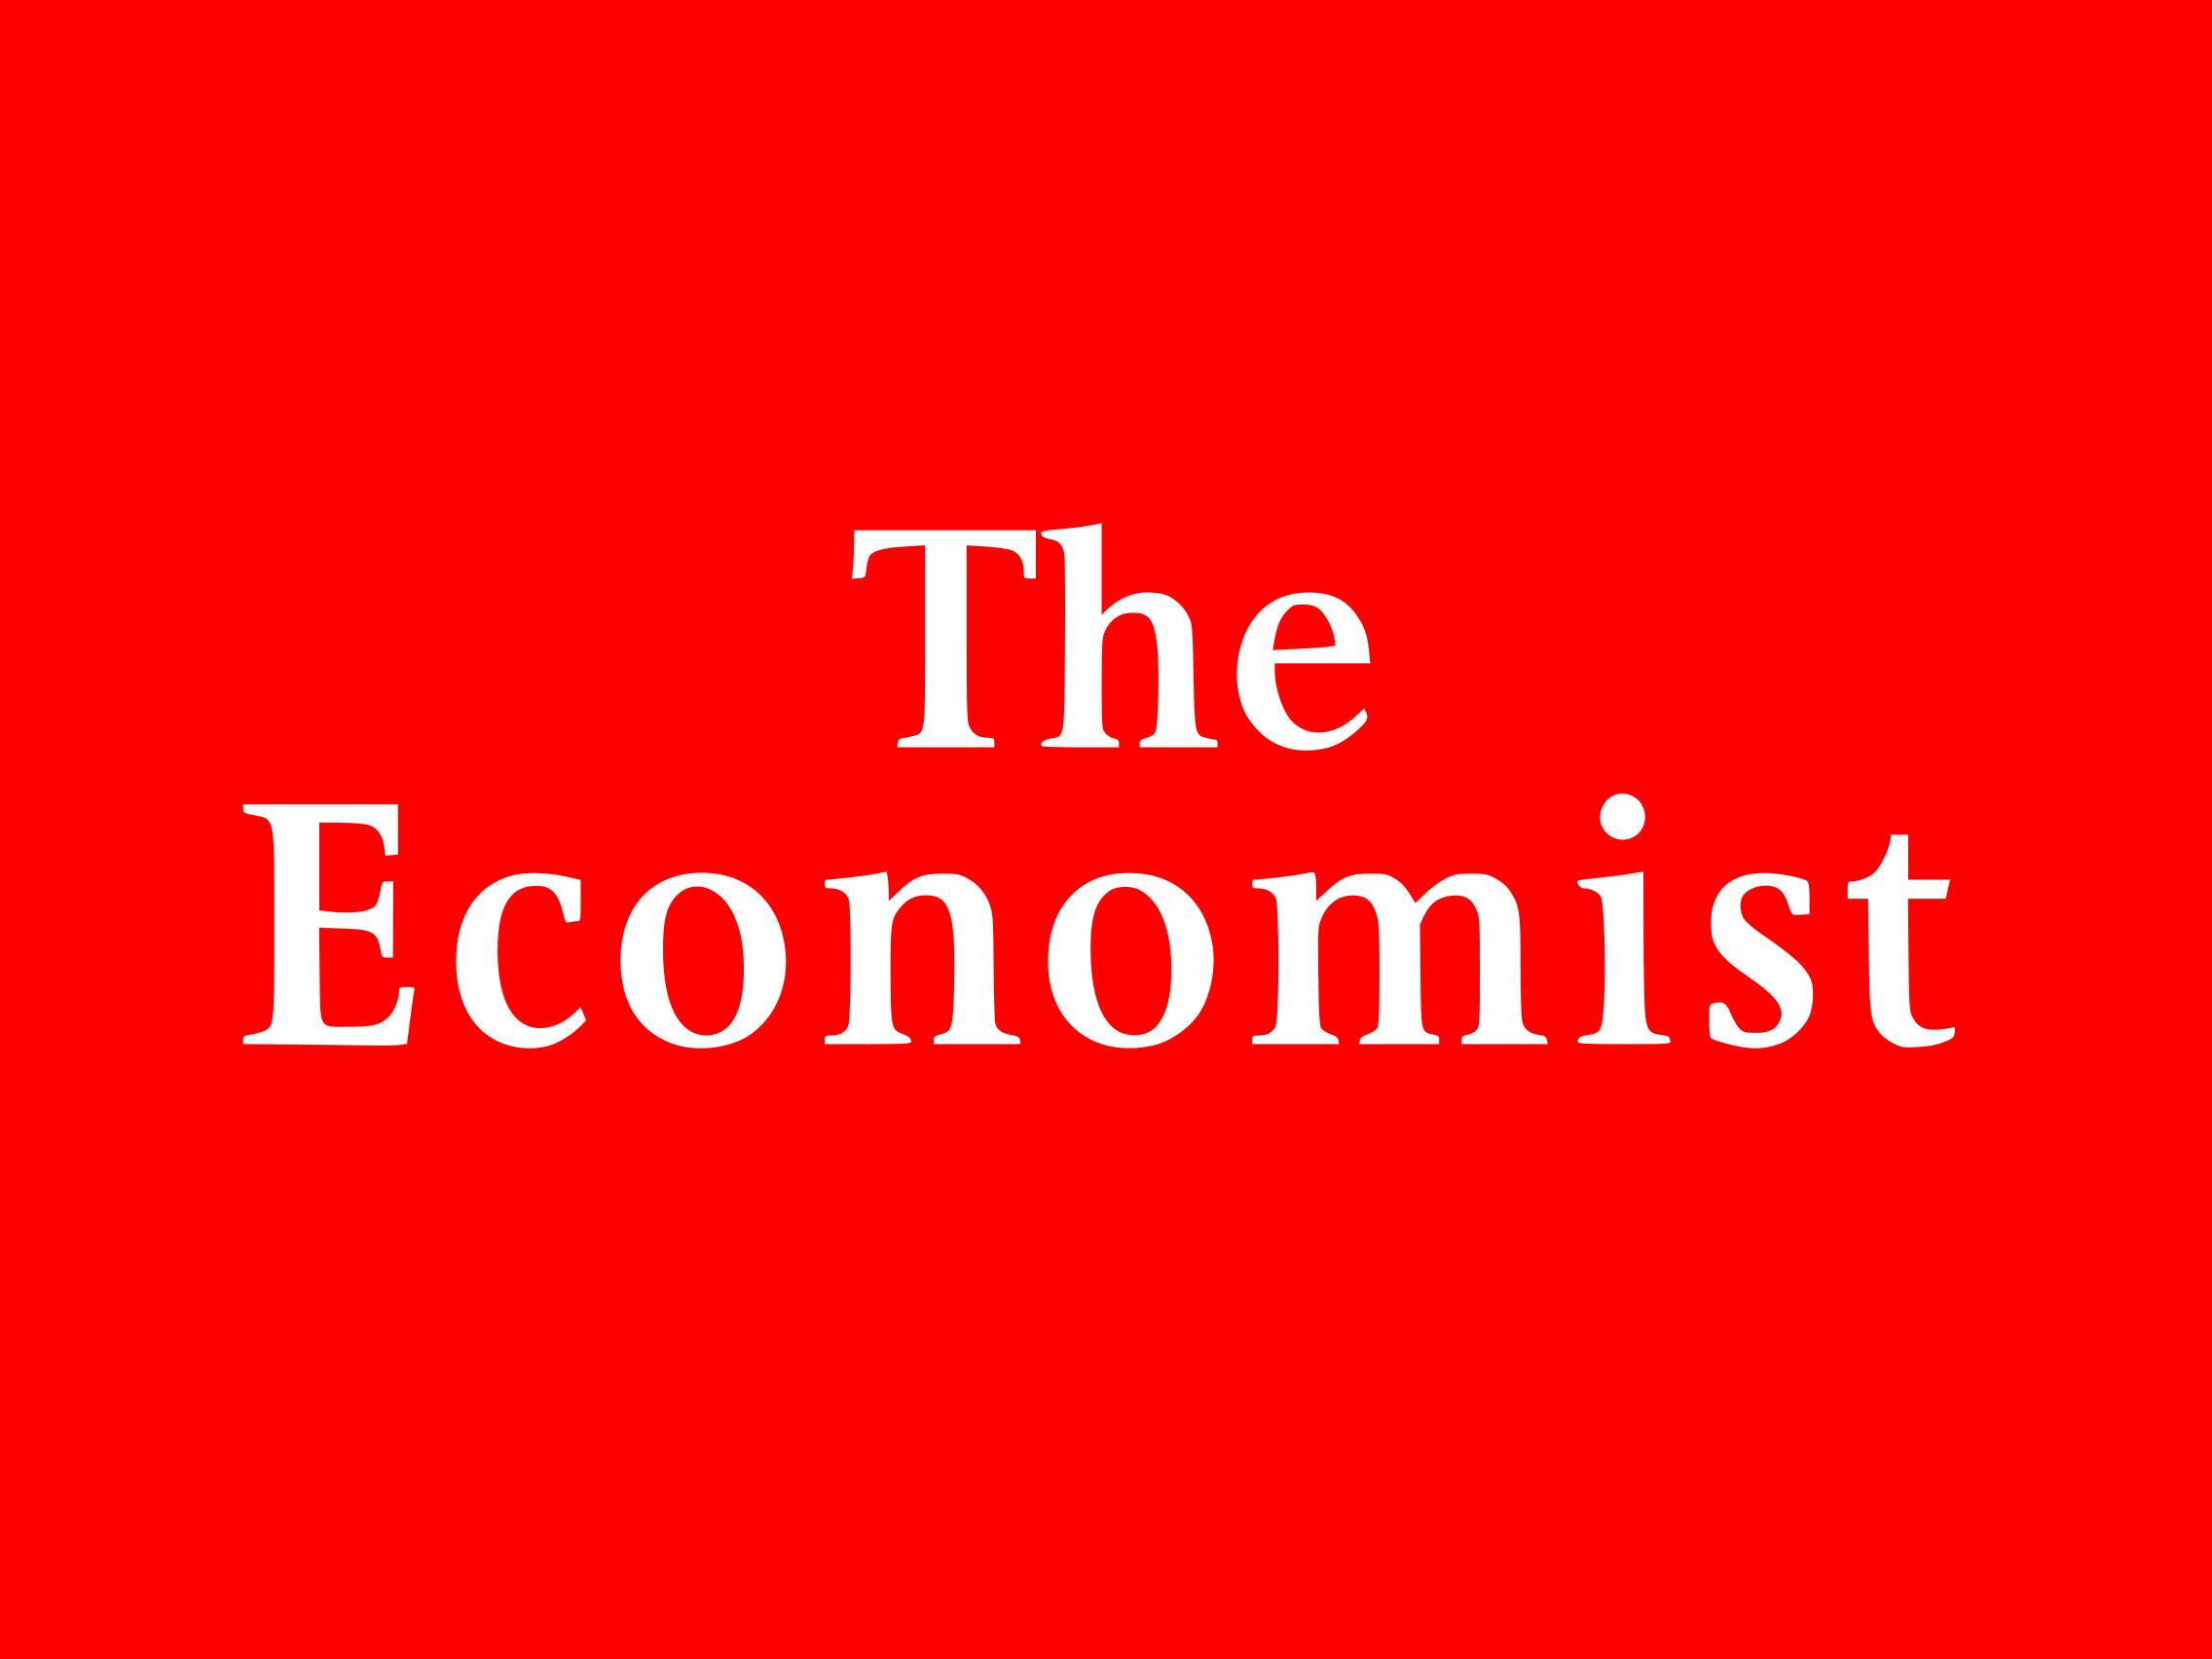 theEconomist-logo.jpg